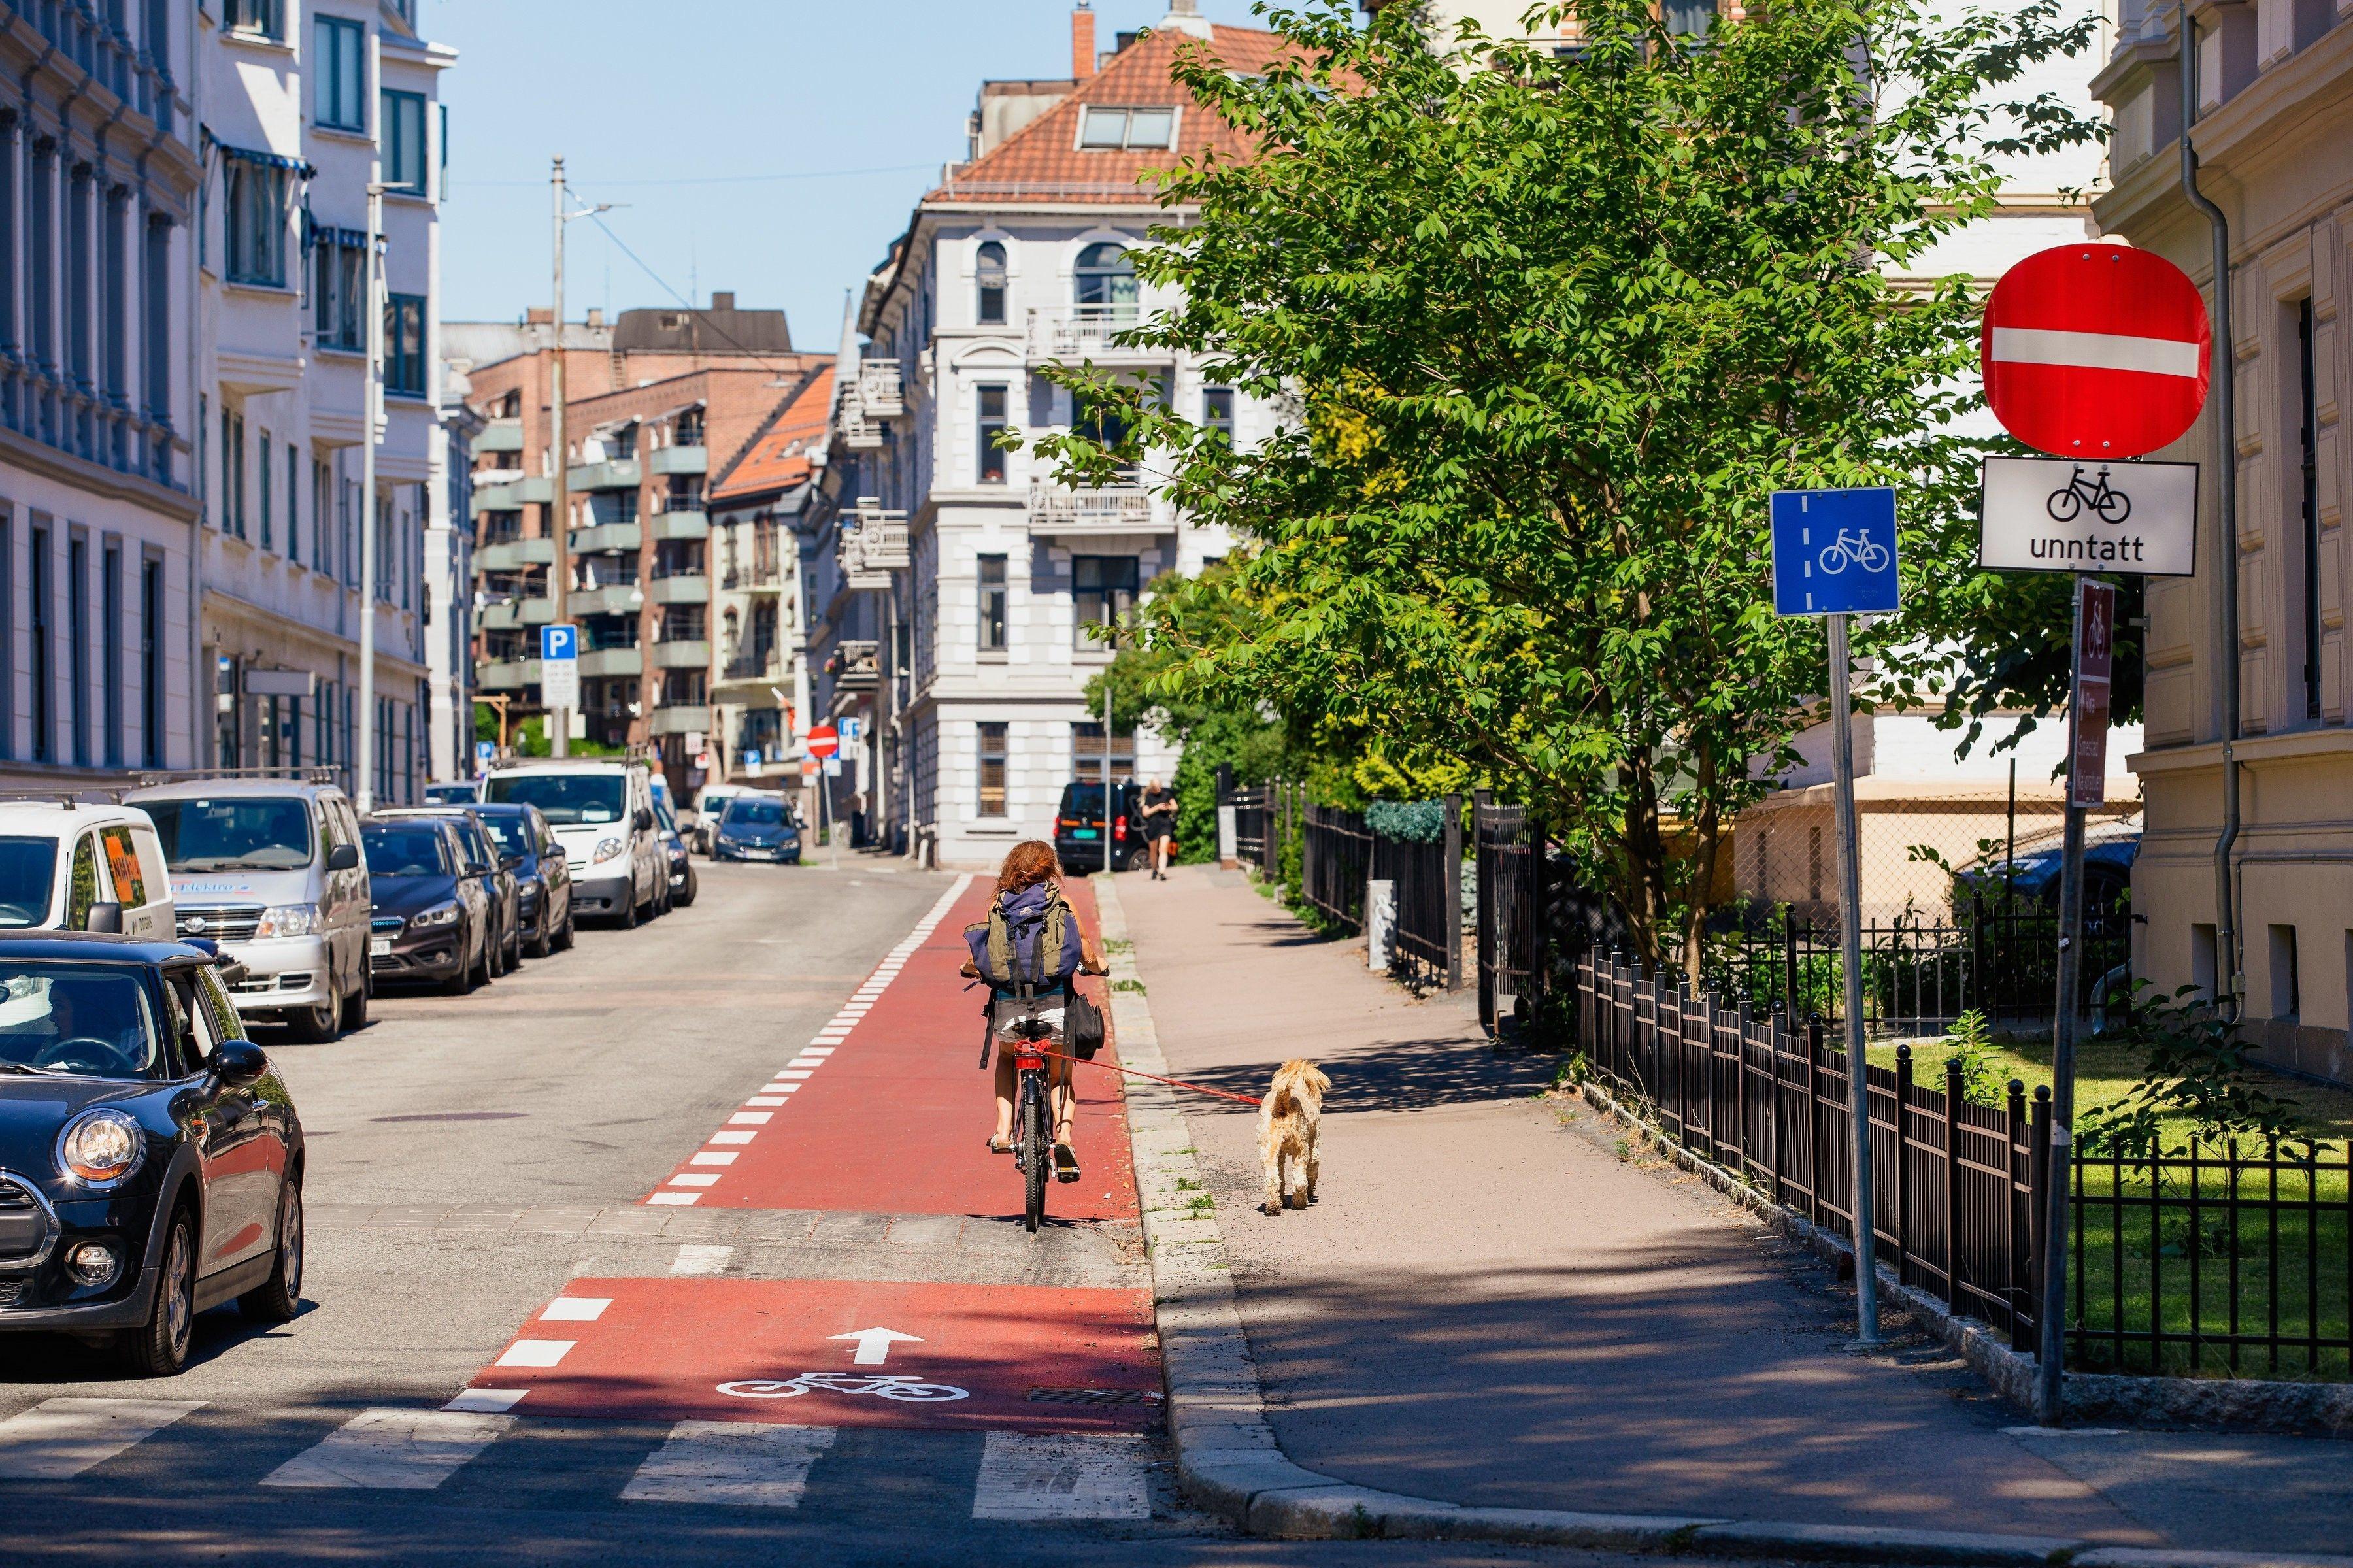 ALTERNATIV TIL BUSS OG TOG: Tohjulingen også kjent som sykkel.